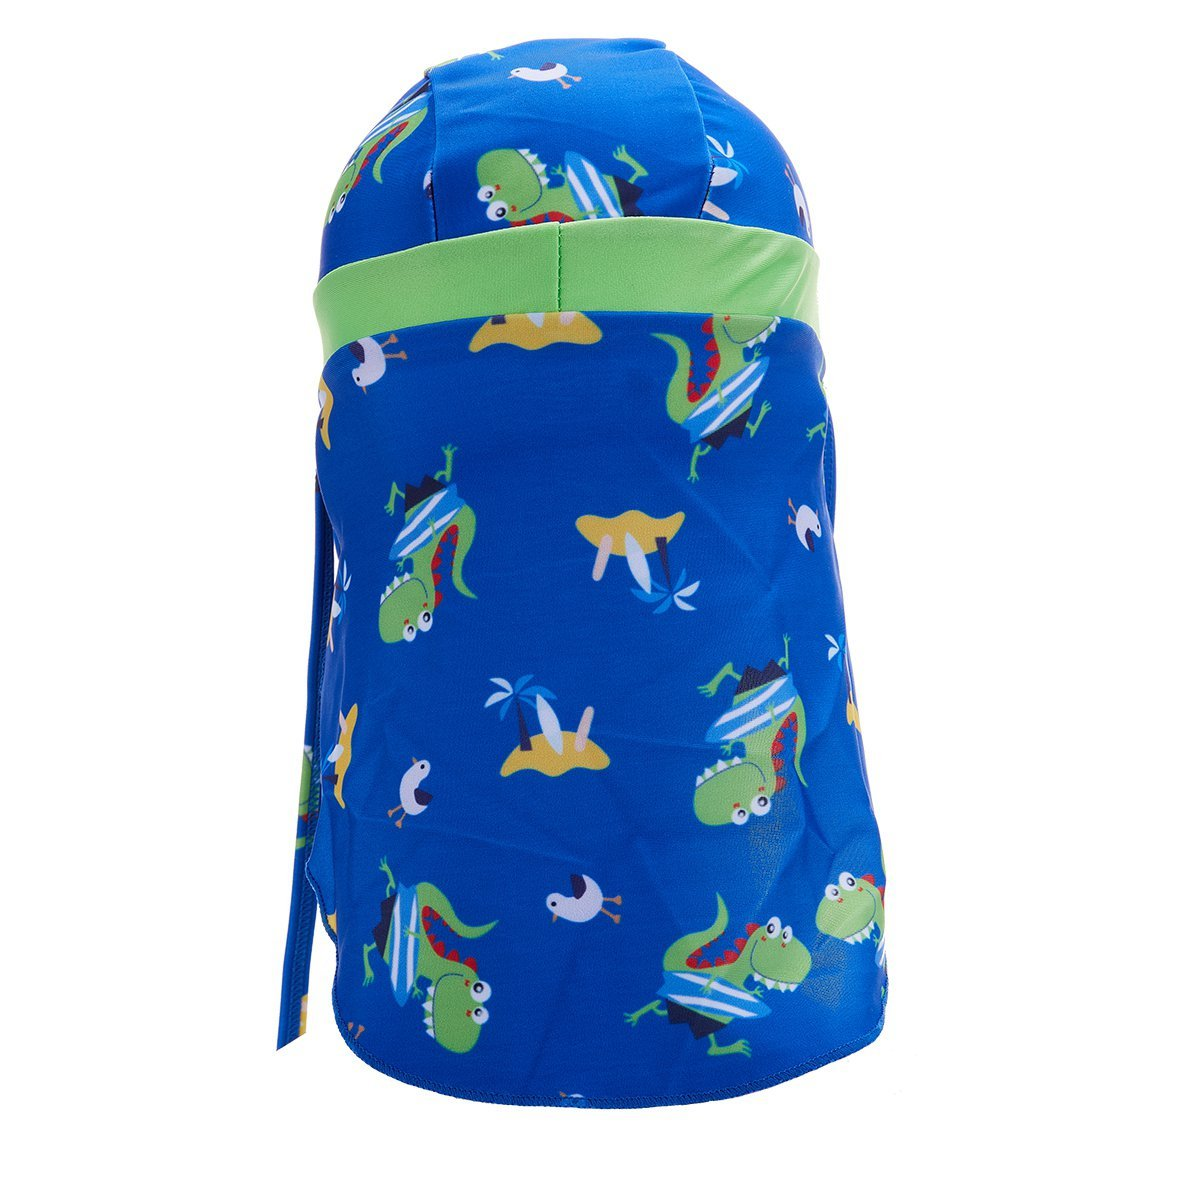 SODIAL Sombrero de Natacion de Solapa Deportivo Proteccion Solar ninos y Ninas Gorra de Solapa UV Dinosaurio Amarillo Rojo Raya Amarilla